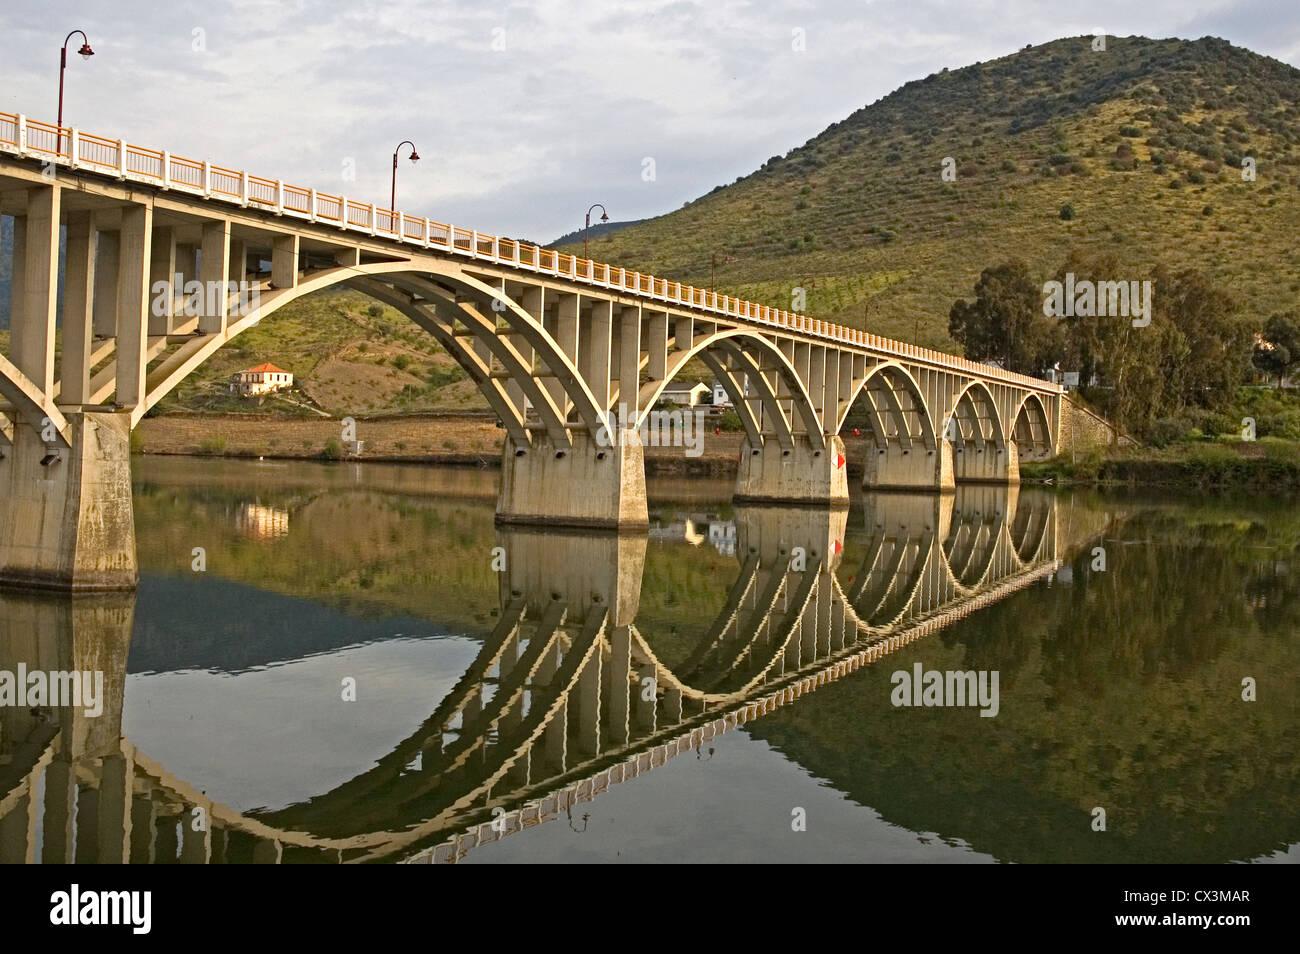 PORTUGAL, River Douro, Barca D'Alva, bridge over the river - Stock Image